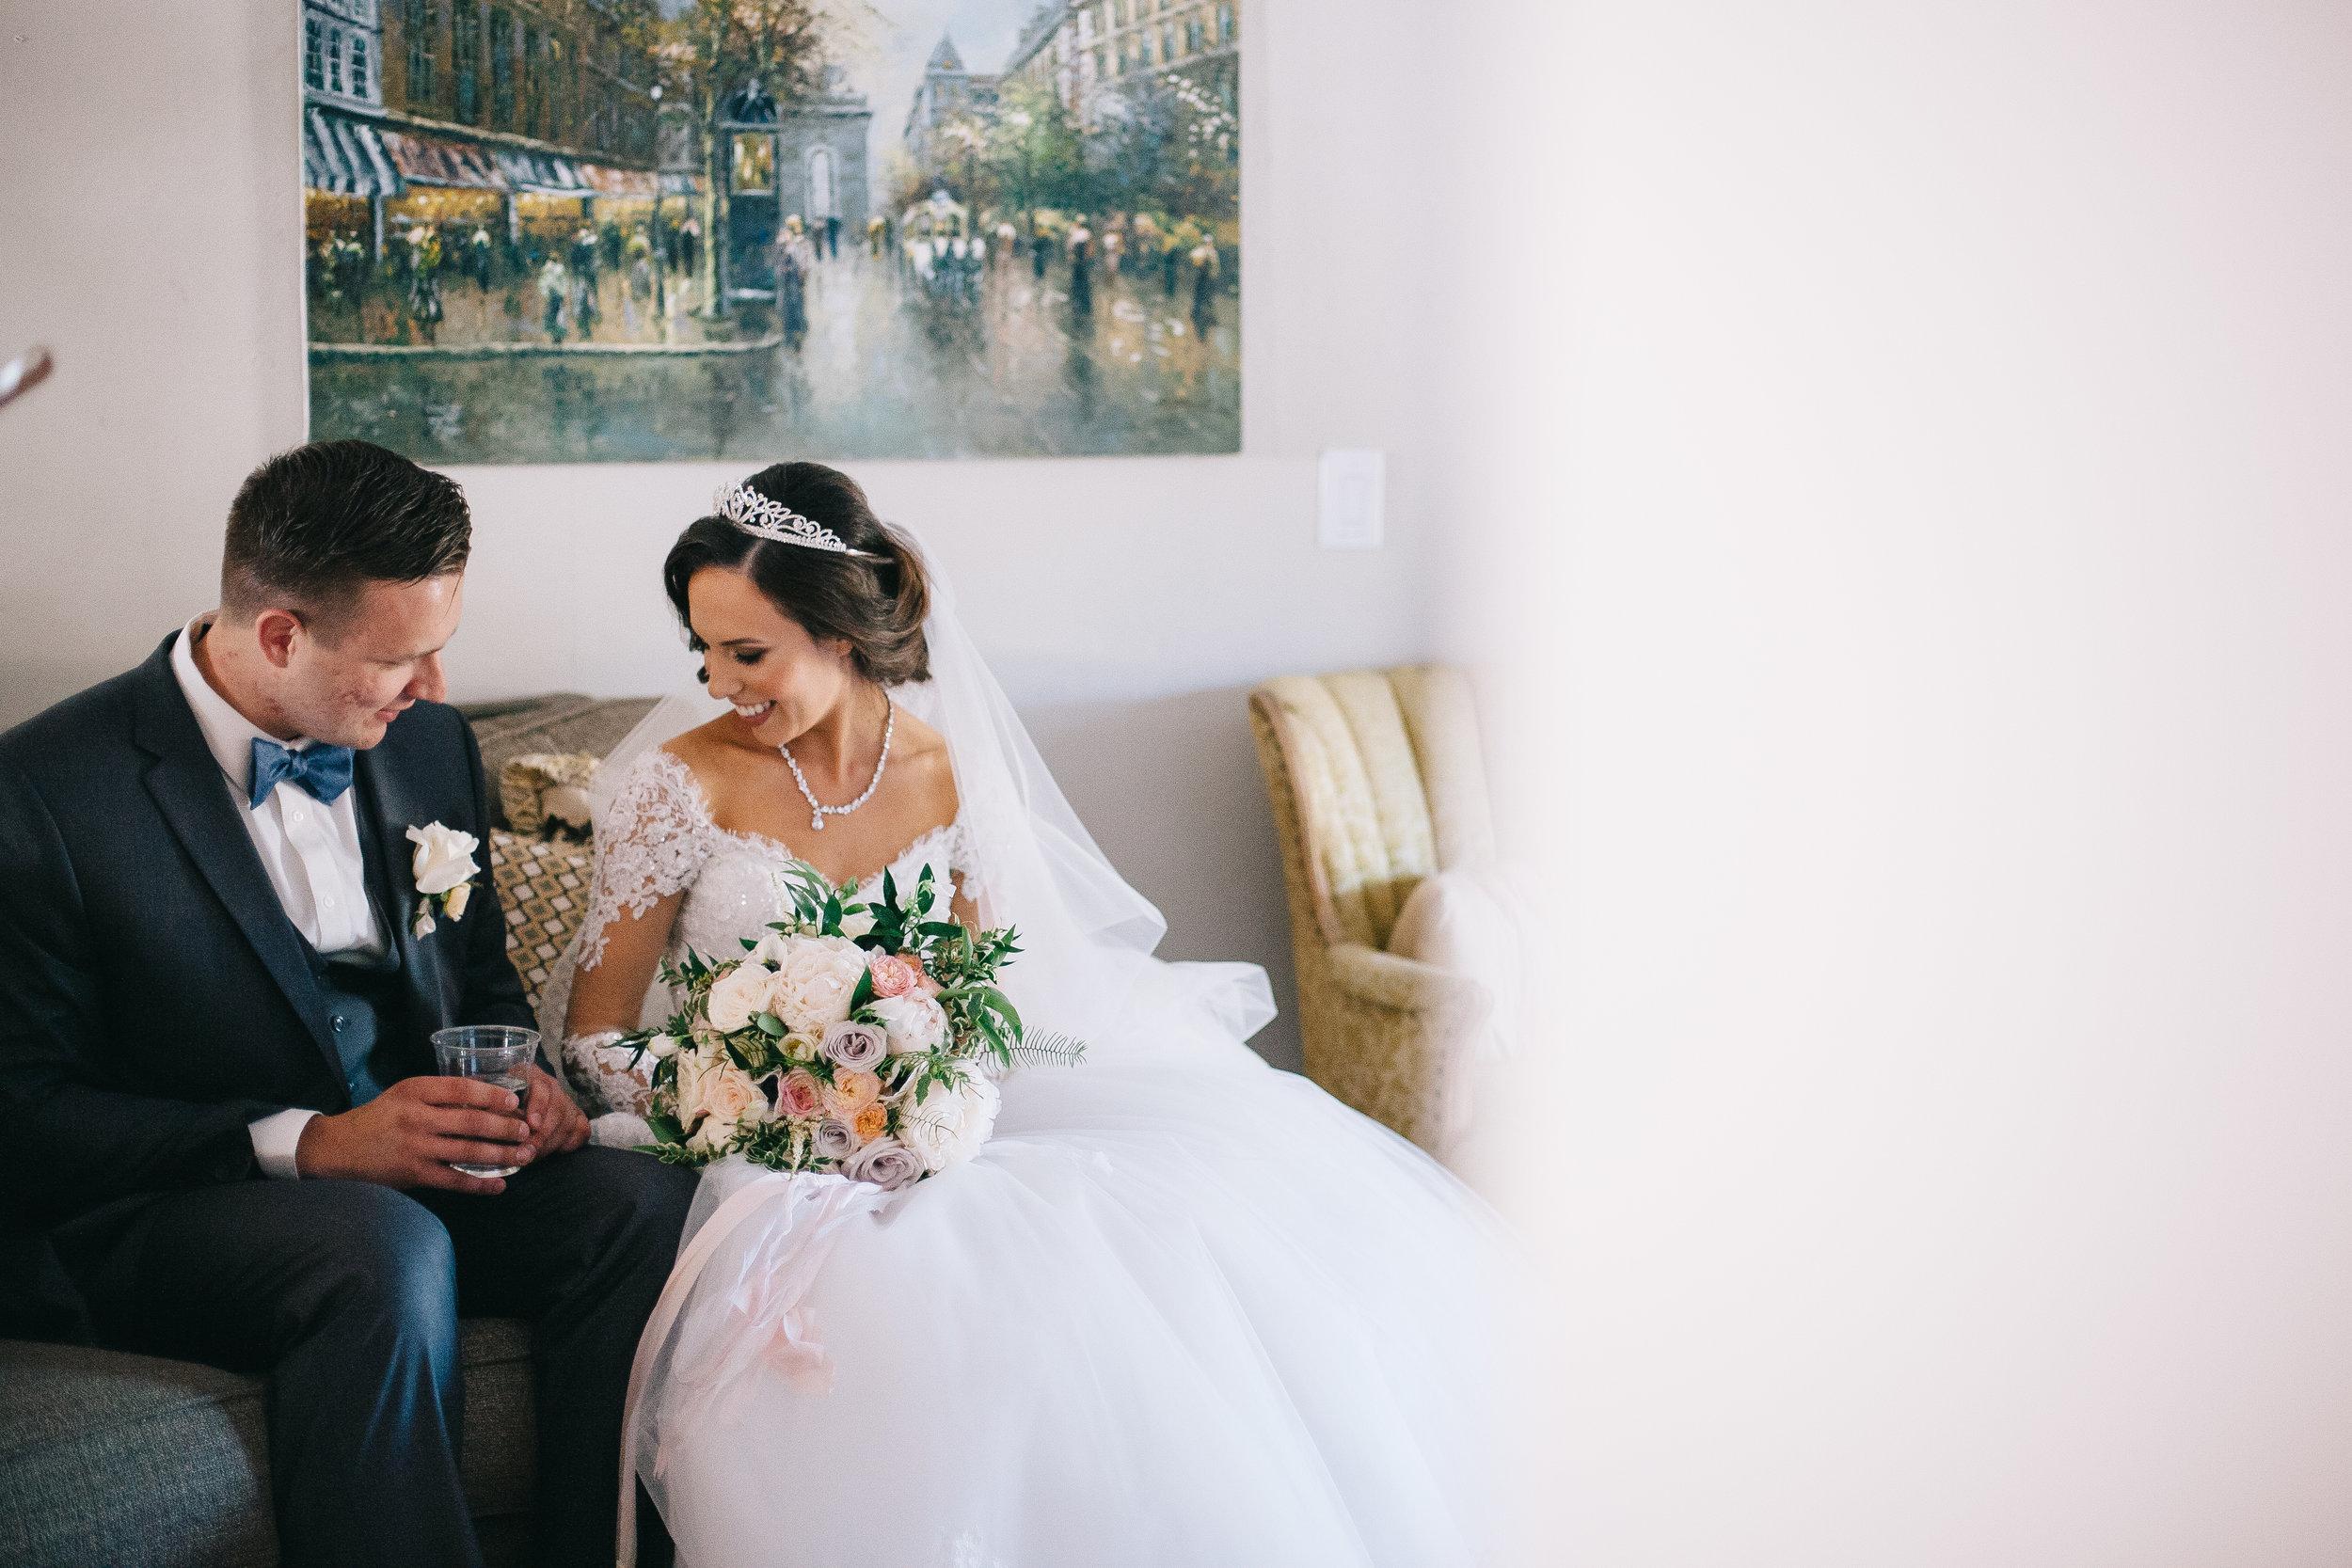 Violette-fleurs-event-design-roseville-anna-perevertaylo-rancho-robles-vinyards-Detail-Destination-Florist-Unforgettable-Traditional-Upscale-bride-groom-bouquet-boutonniere.jpg